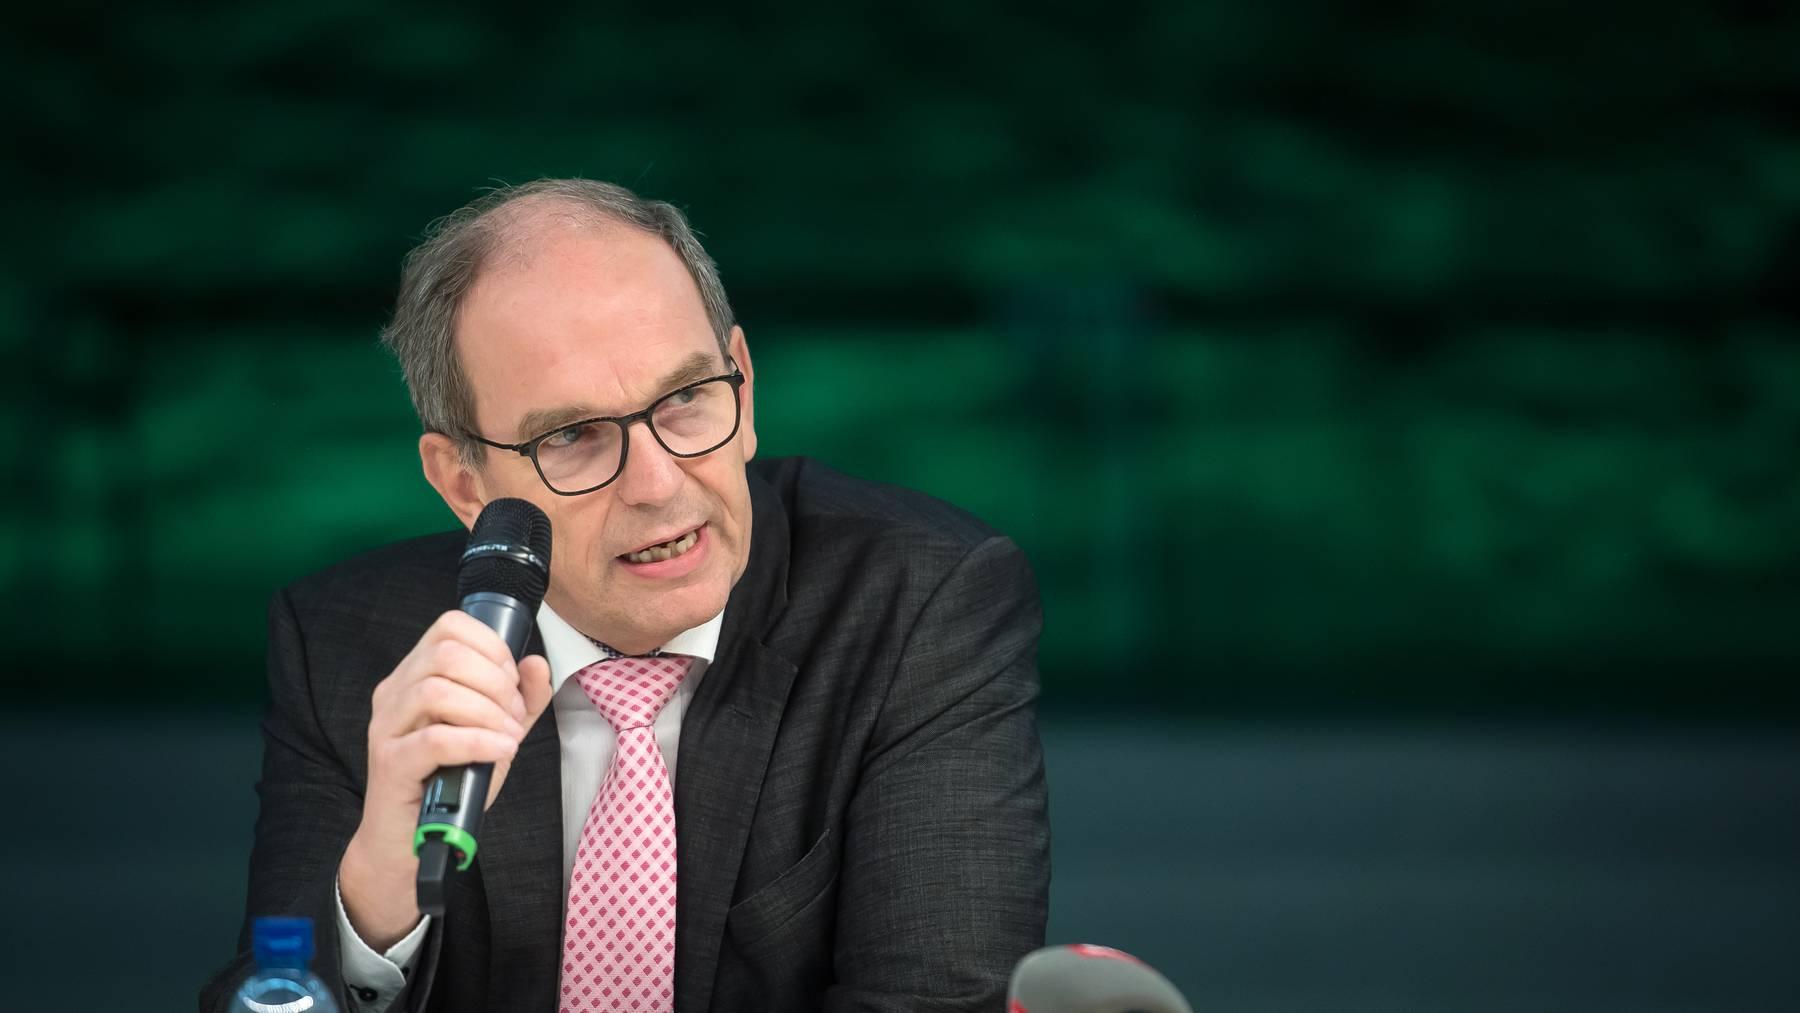 Der St.Galler Regierungspräsident und Gesundheitschef Bruno Damann.